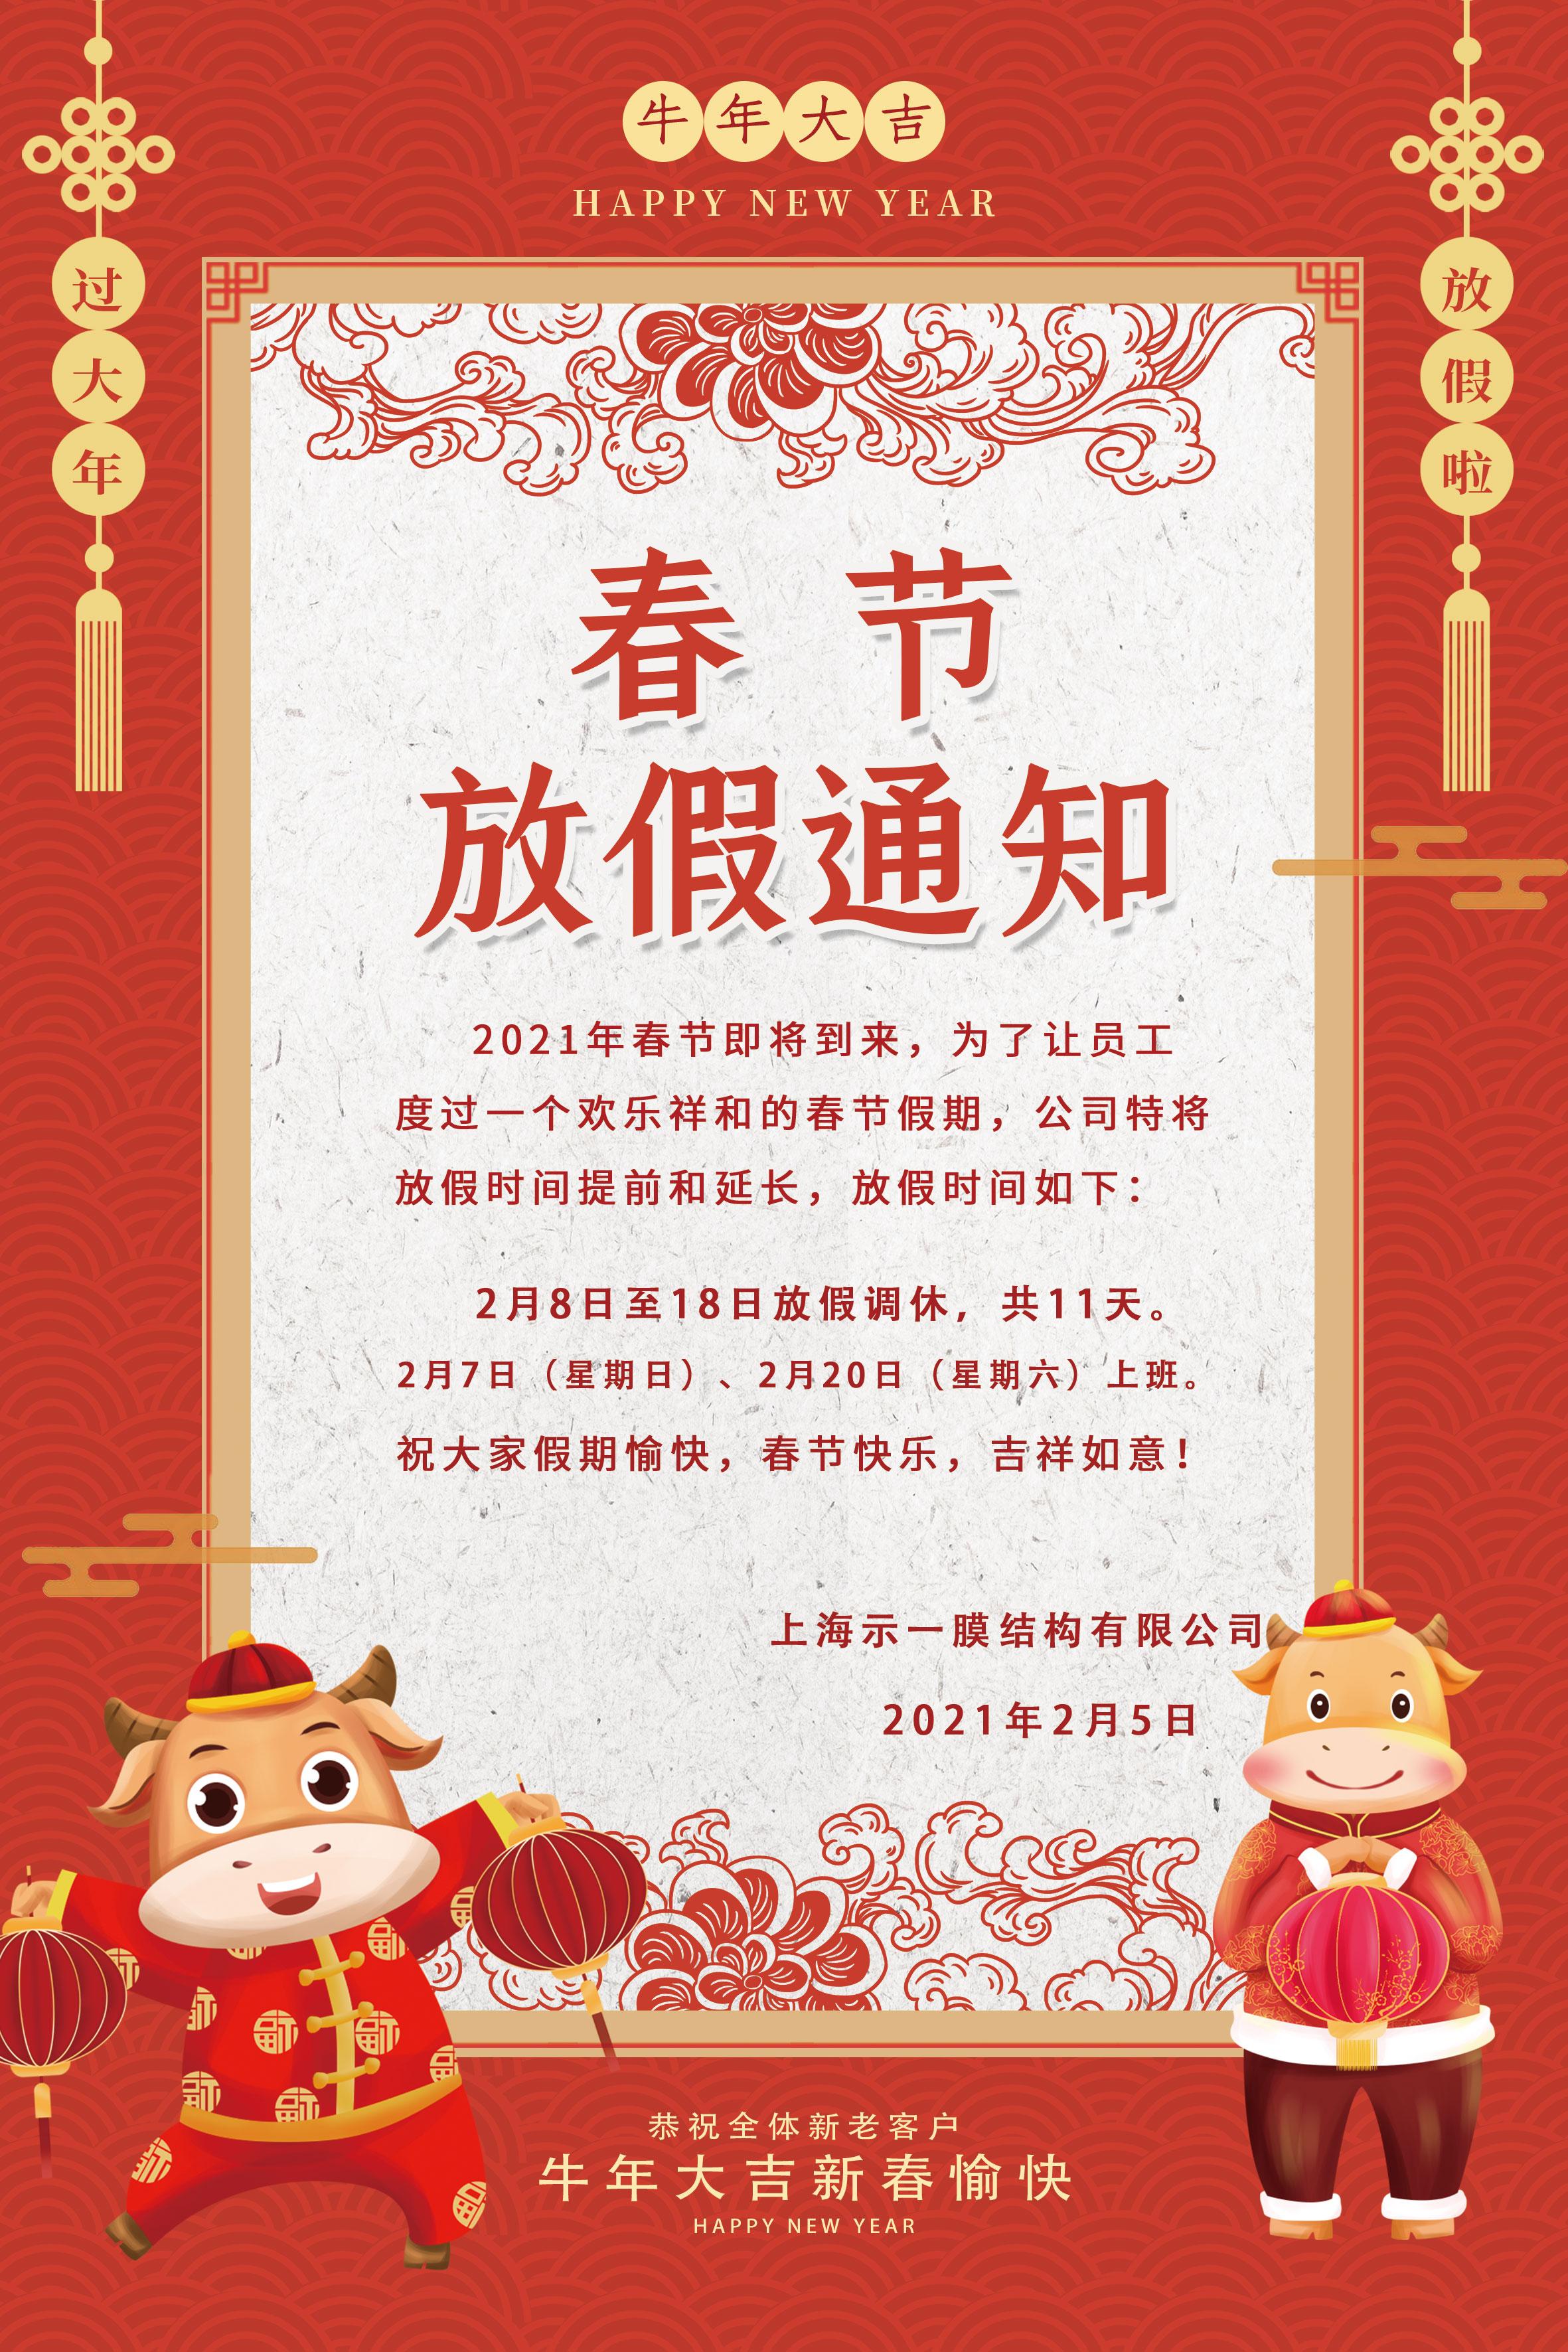 2021年上海示一膜结构有限公司放假通知